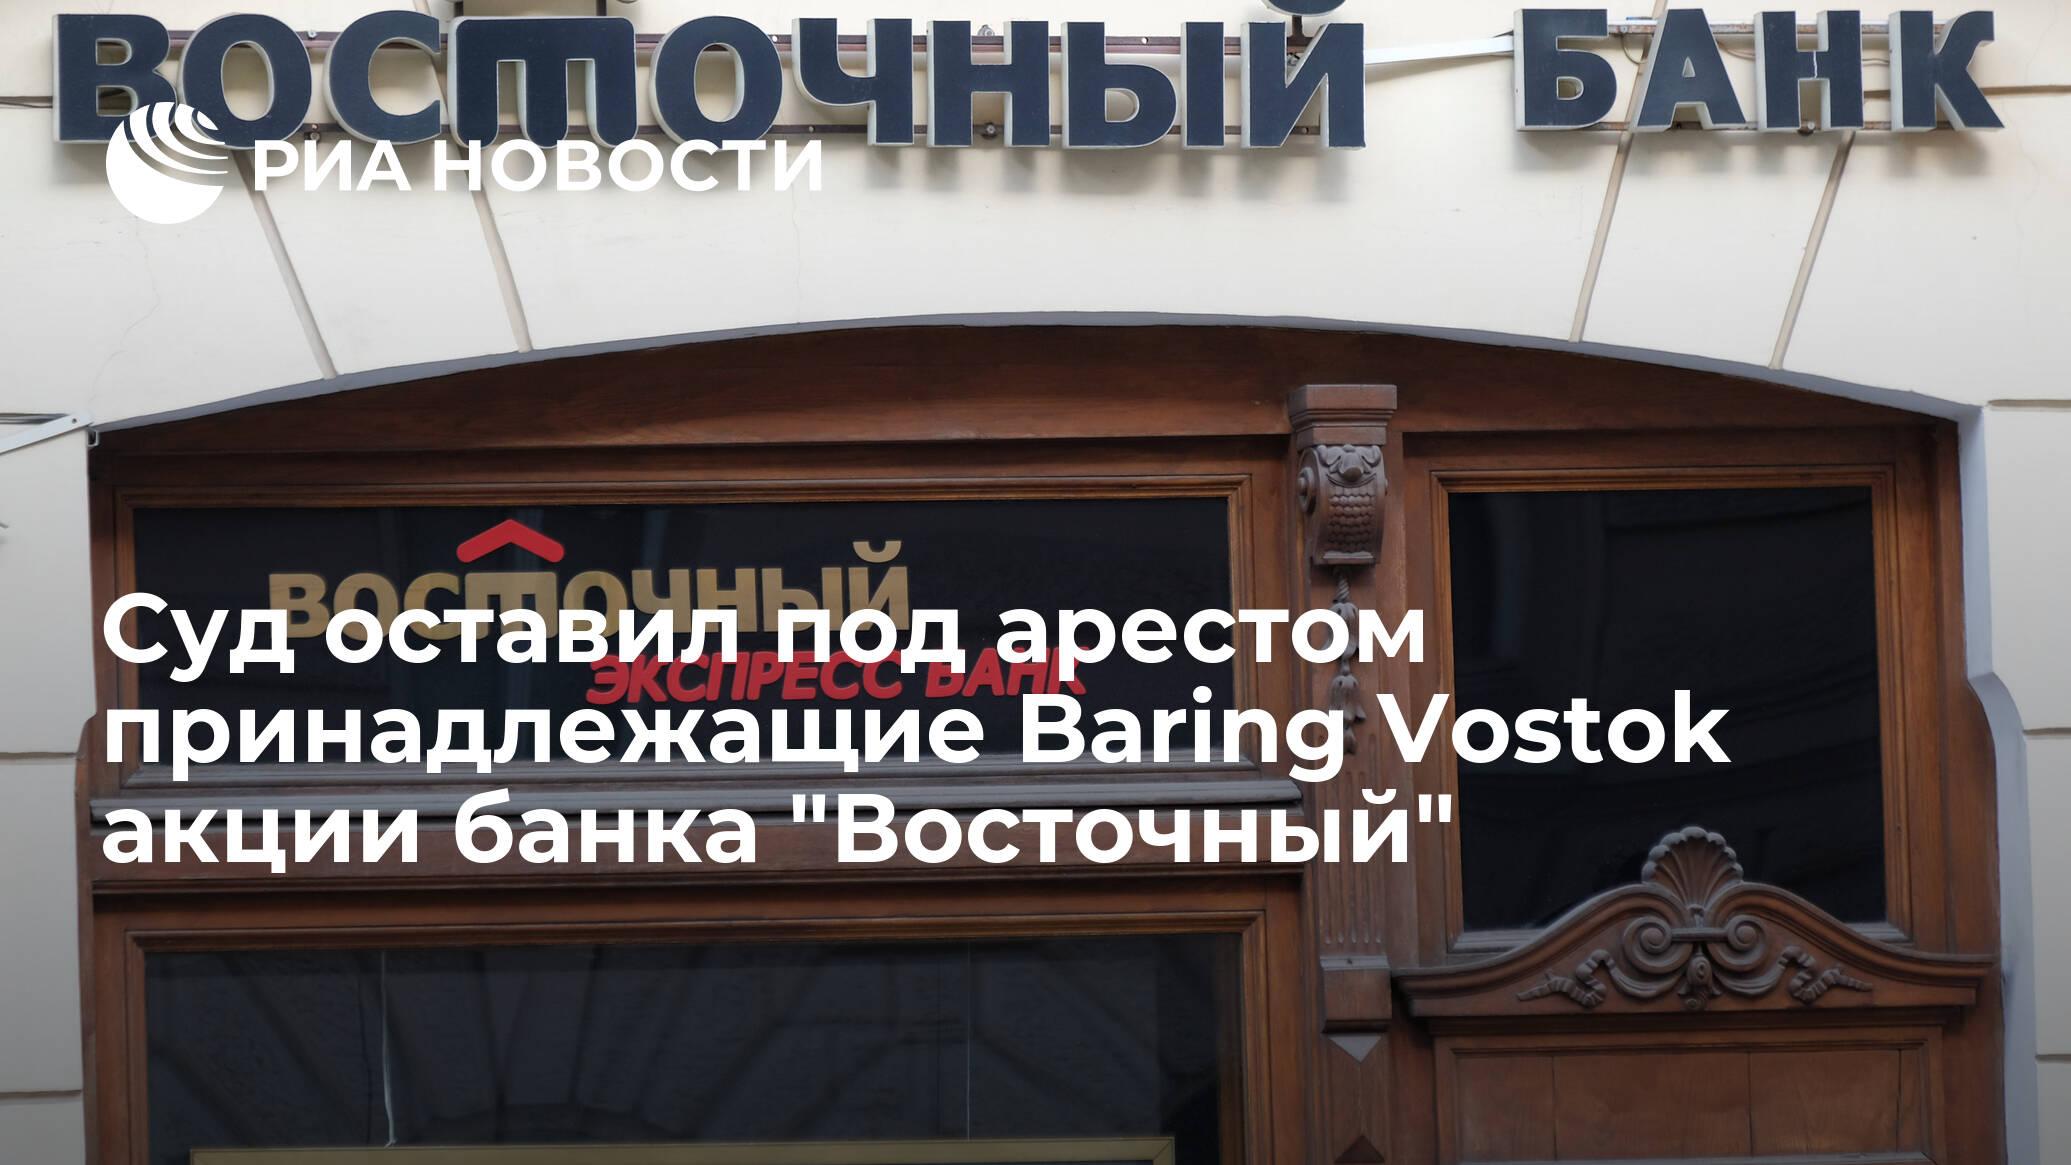 банк восточный новосибирск онлайн оне клик мани номер телефона